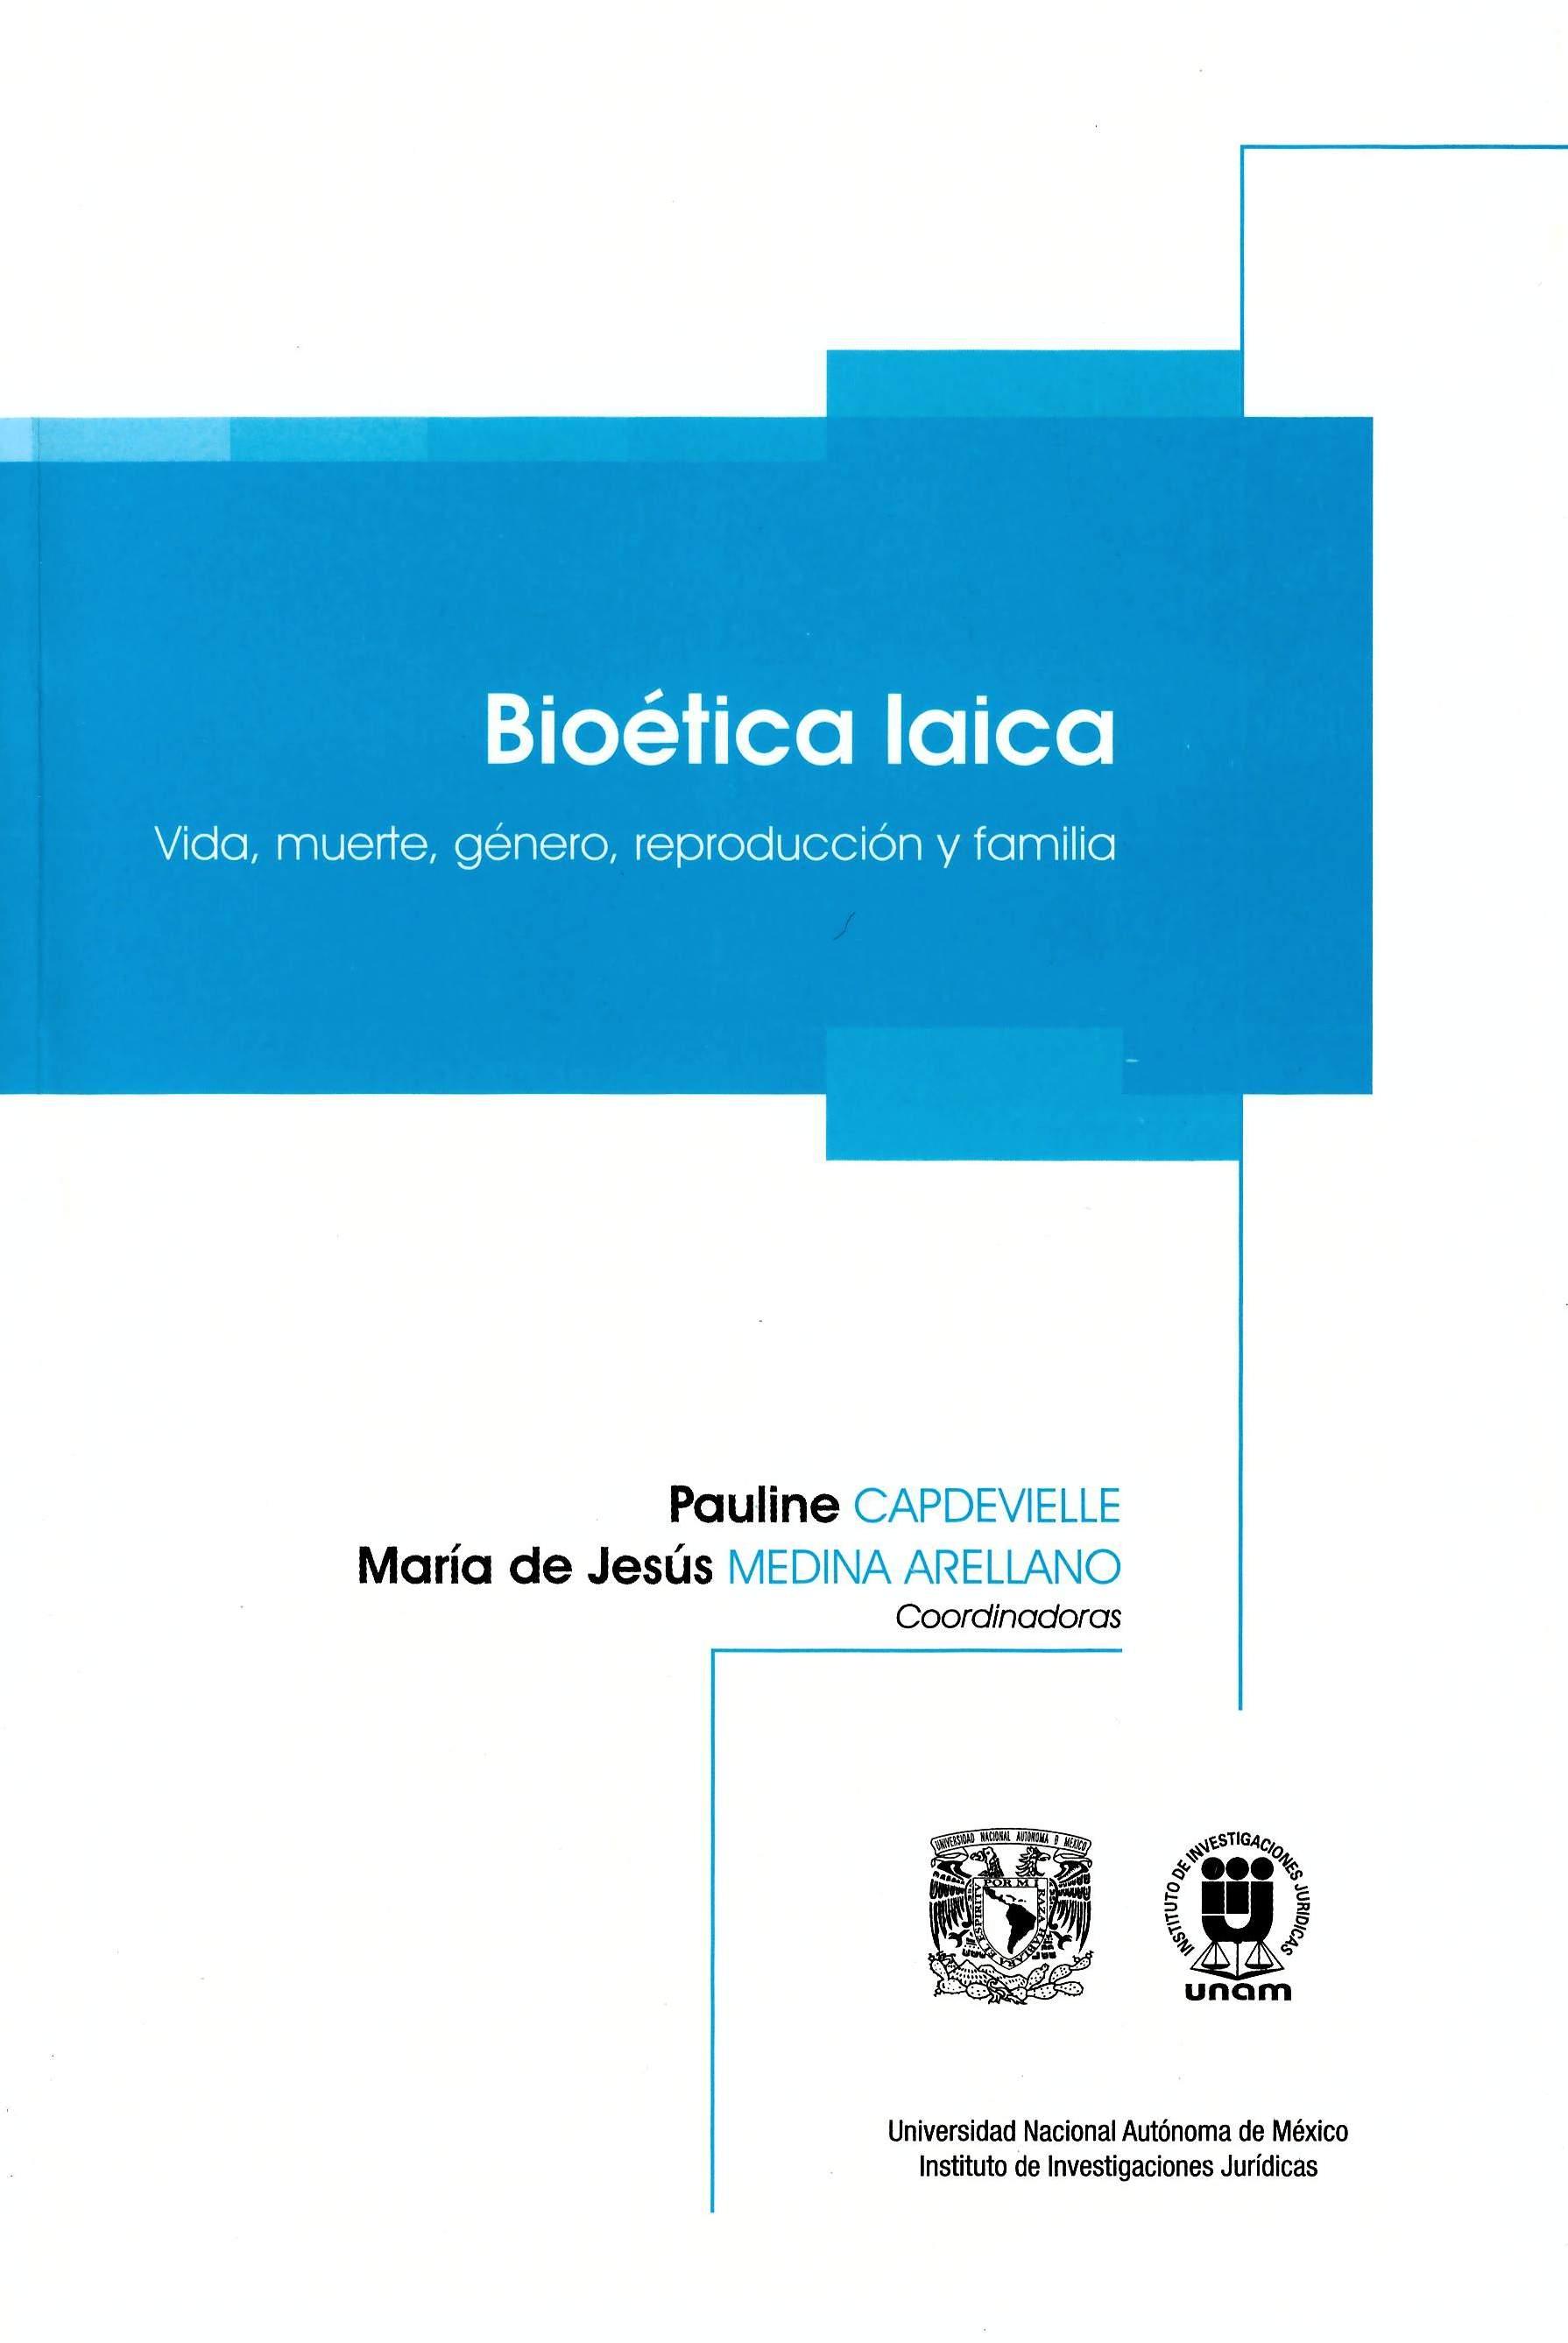 Bioética laica